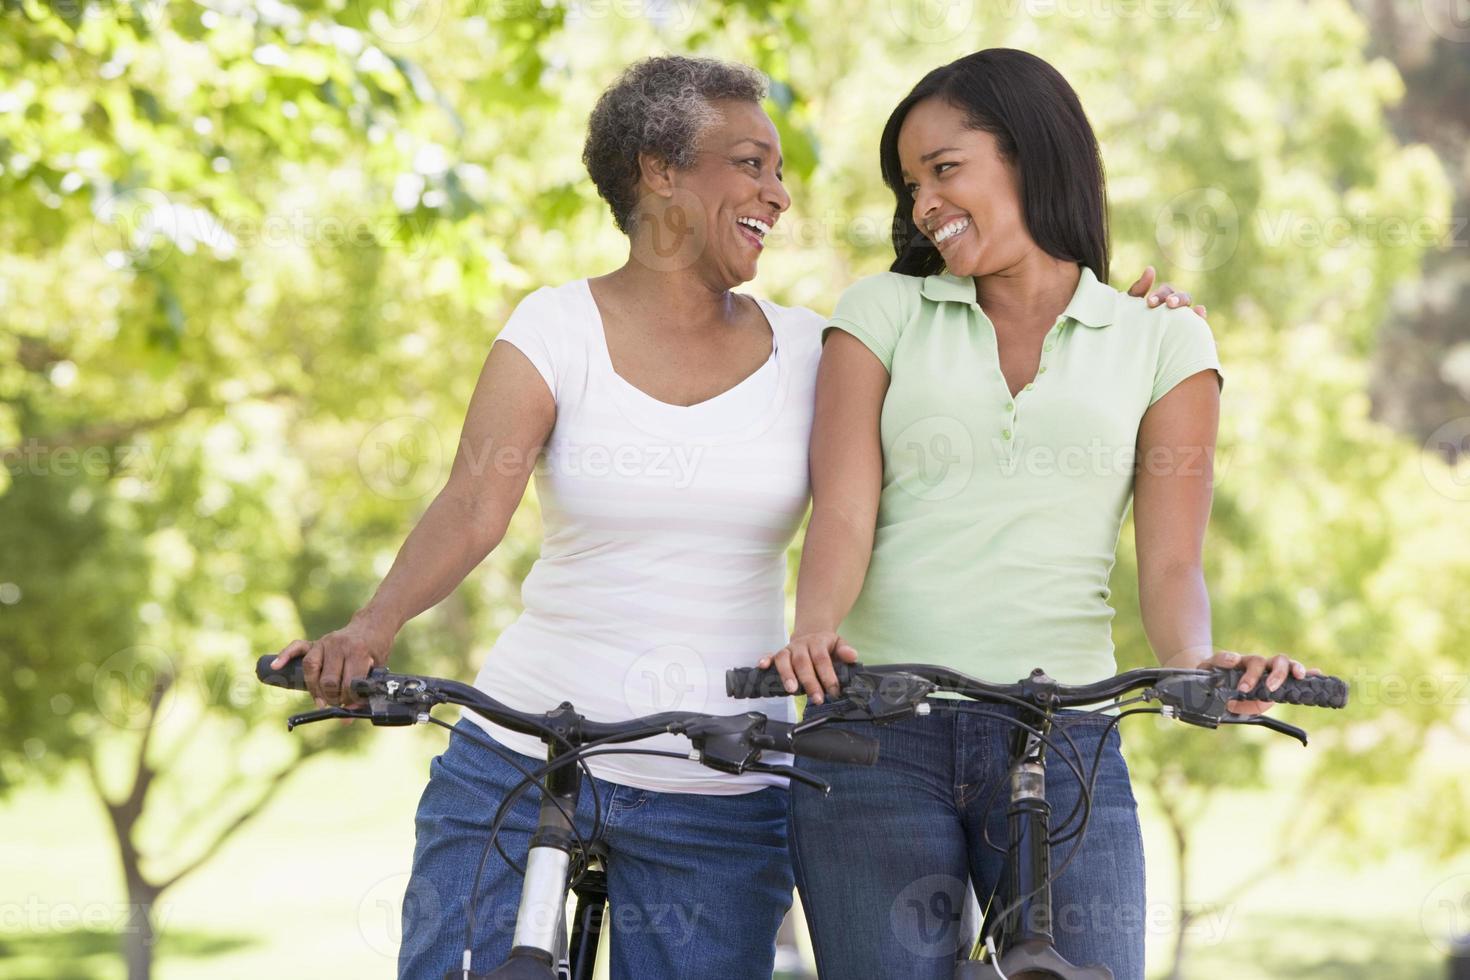 två kvinnor på cyklar som ler utomhus foto